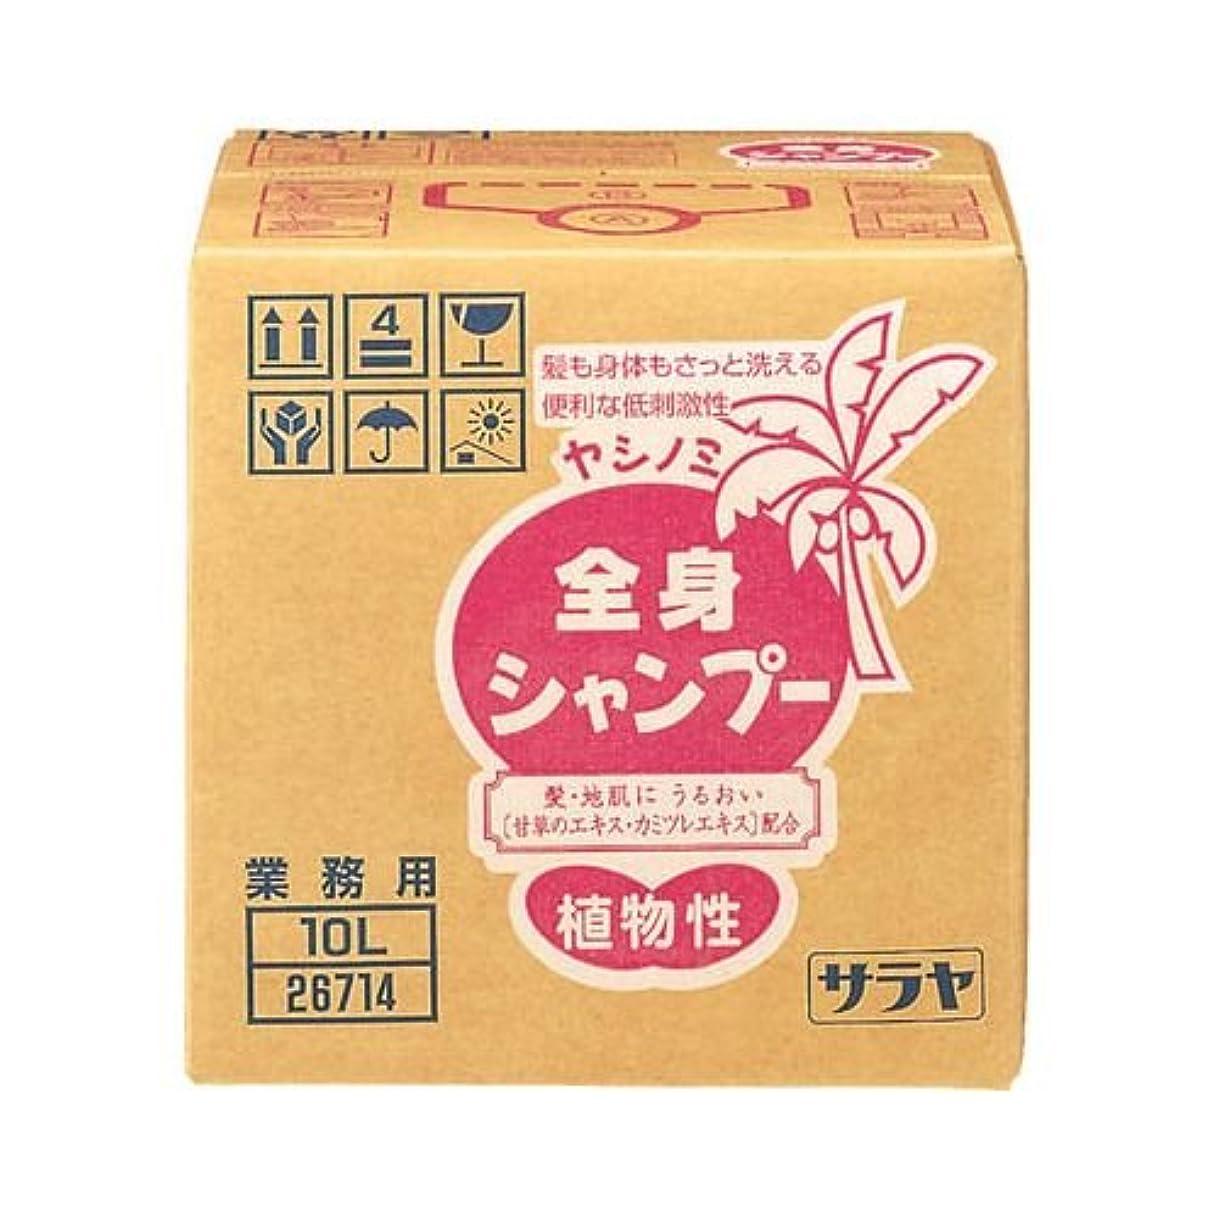 明らかにする寝室配管工サラヤ ヤシノミ全身シャンプー10L 26714